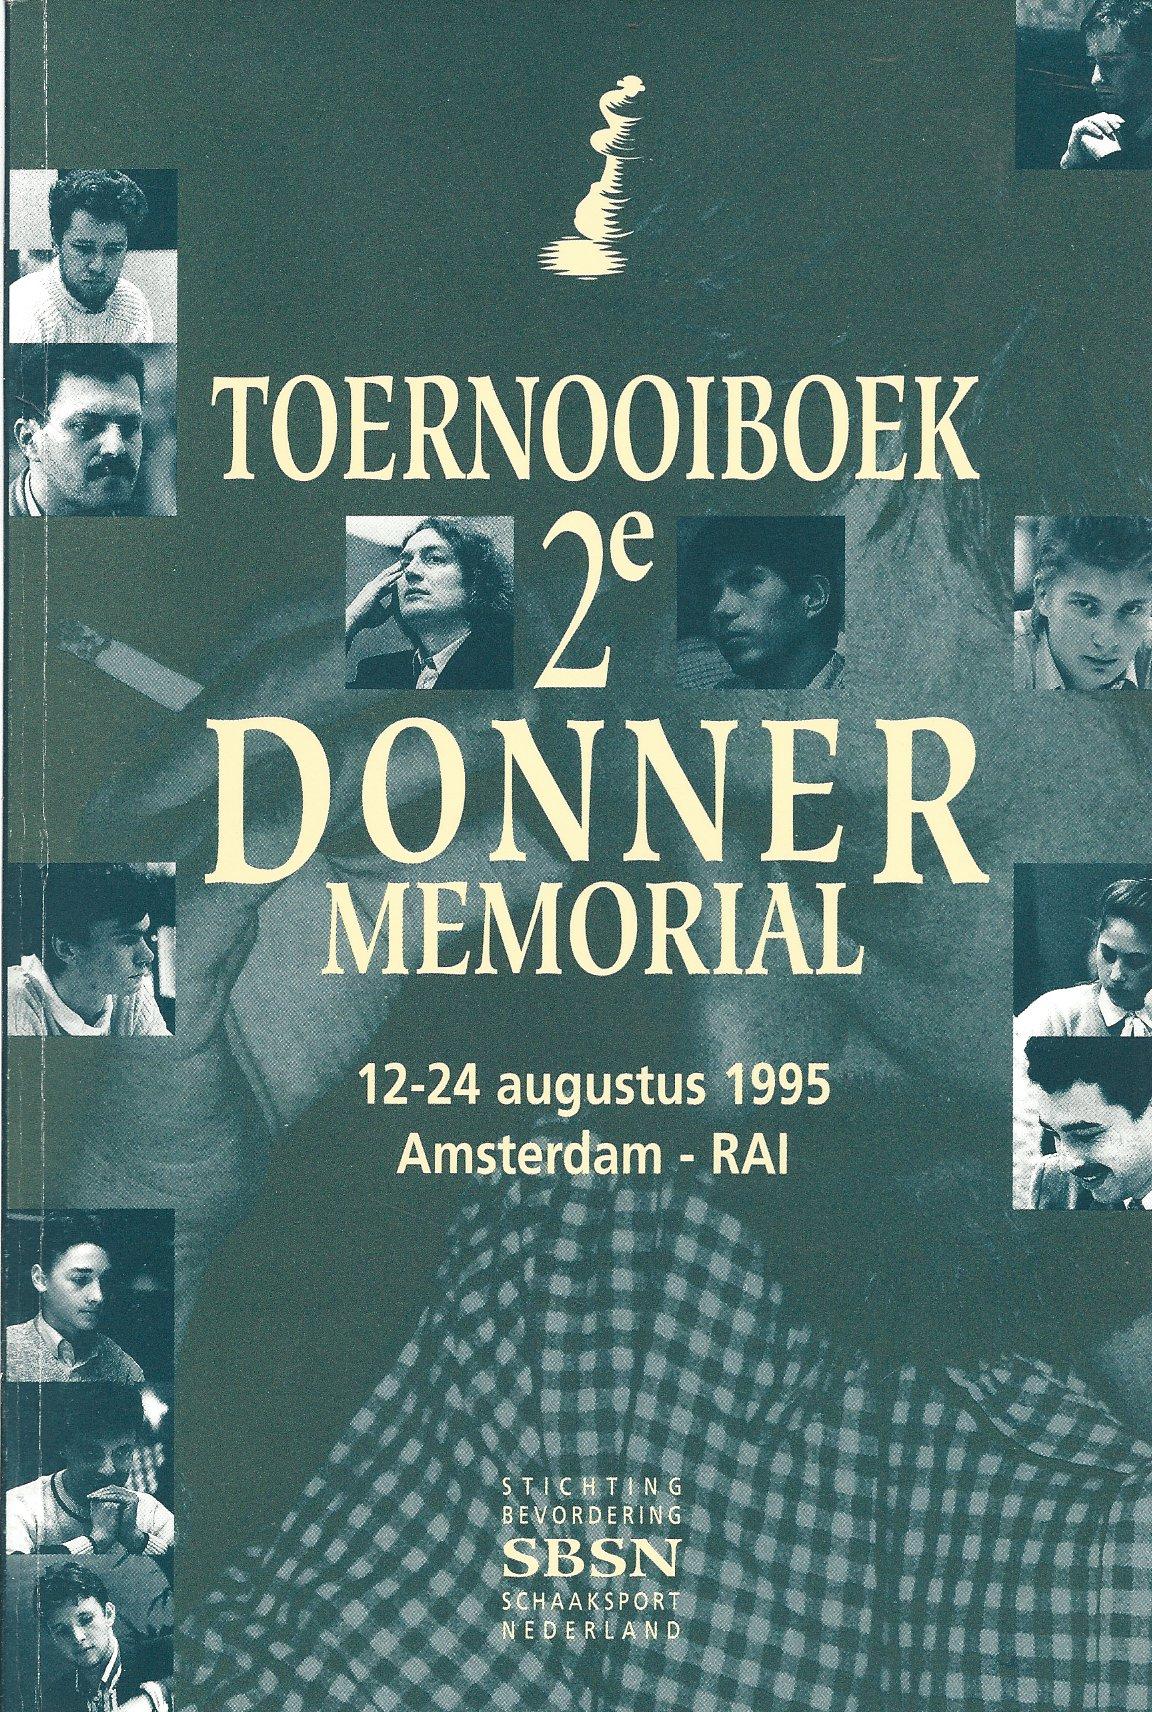 DIVERSE - Toernooiboek 2e Donner Memorial -12-24 augustus 1995 Amsterdam-RAI